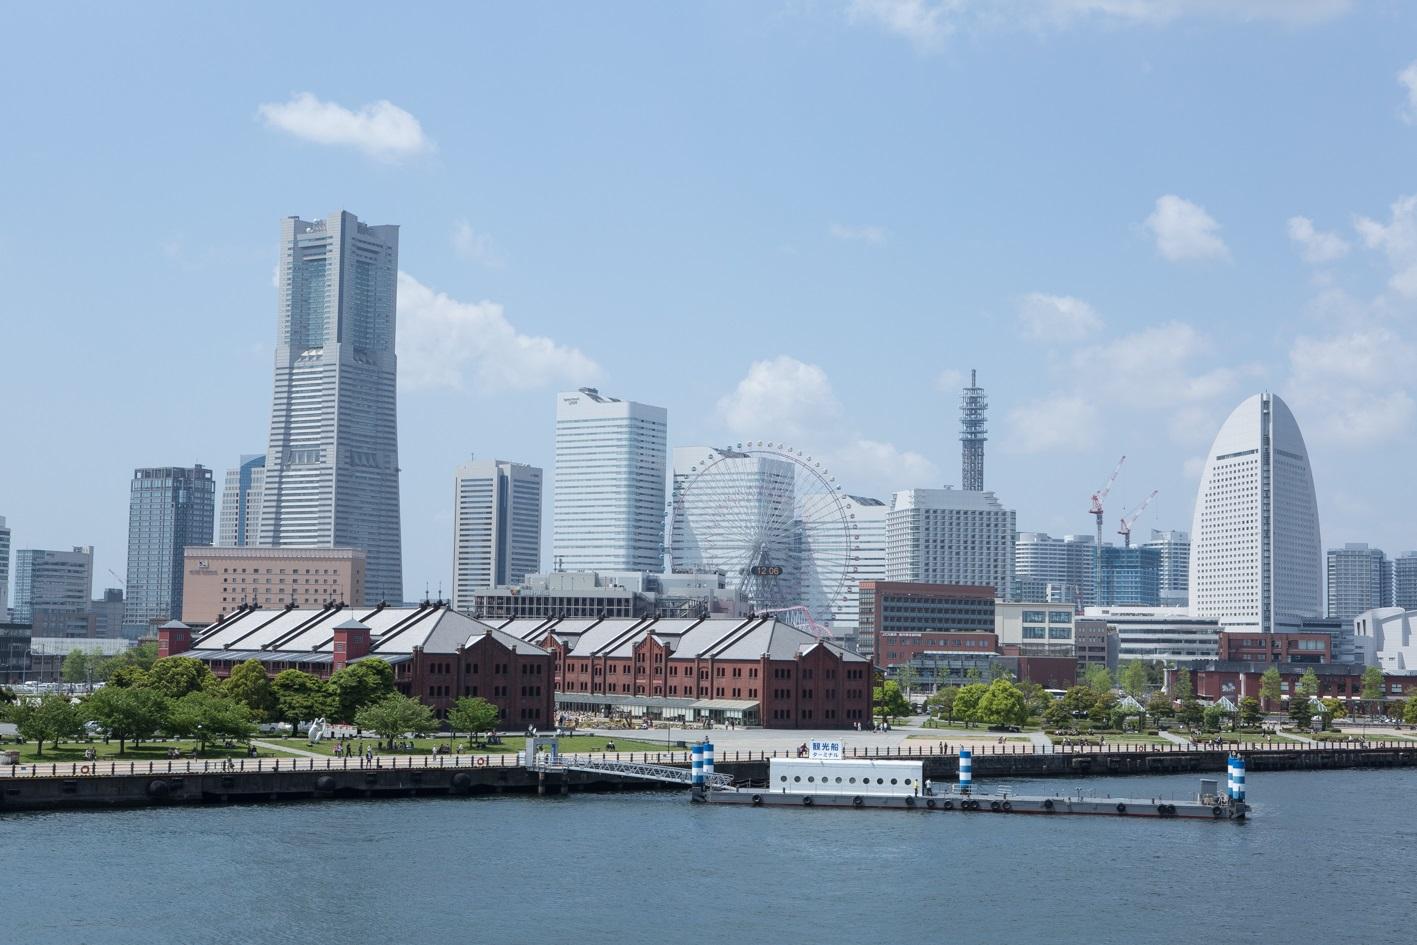 横浜市、米国ライフサイエンス・オンラインセミナー開催-6/23(水)より3回-[ニュース]